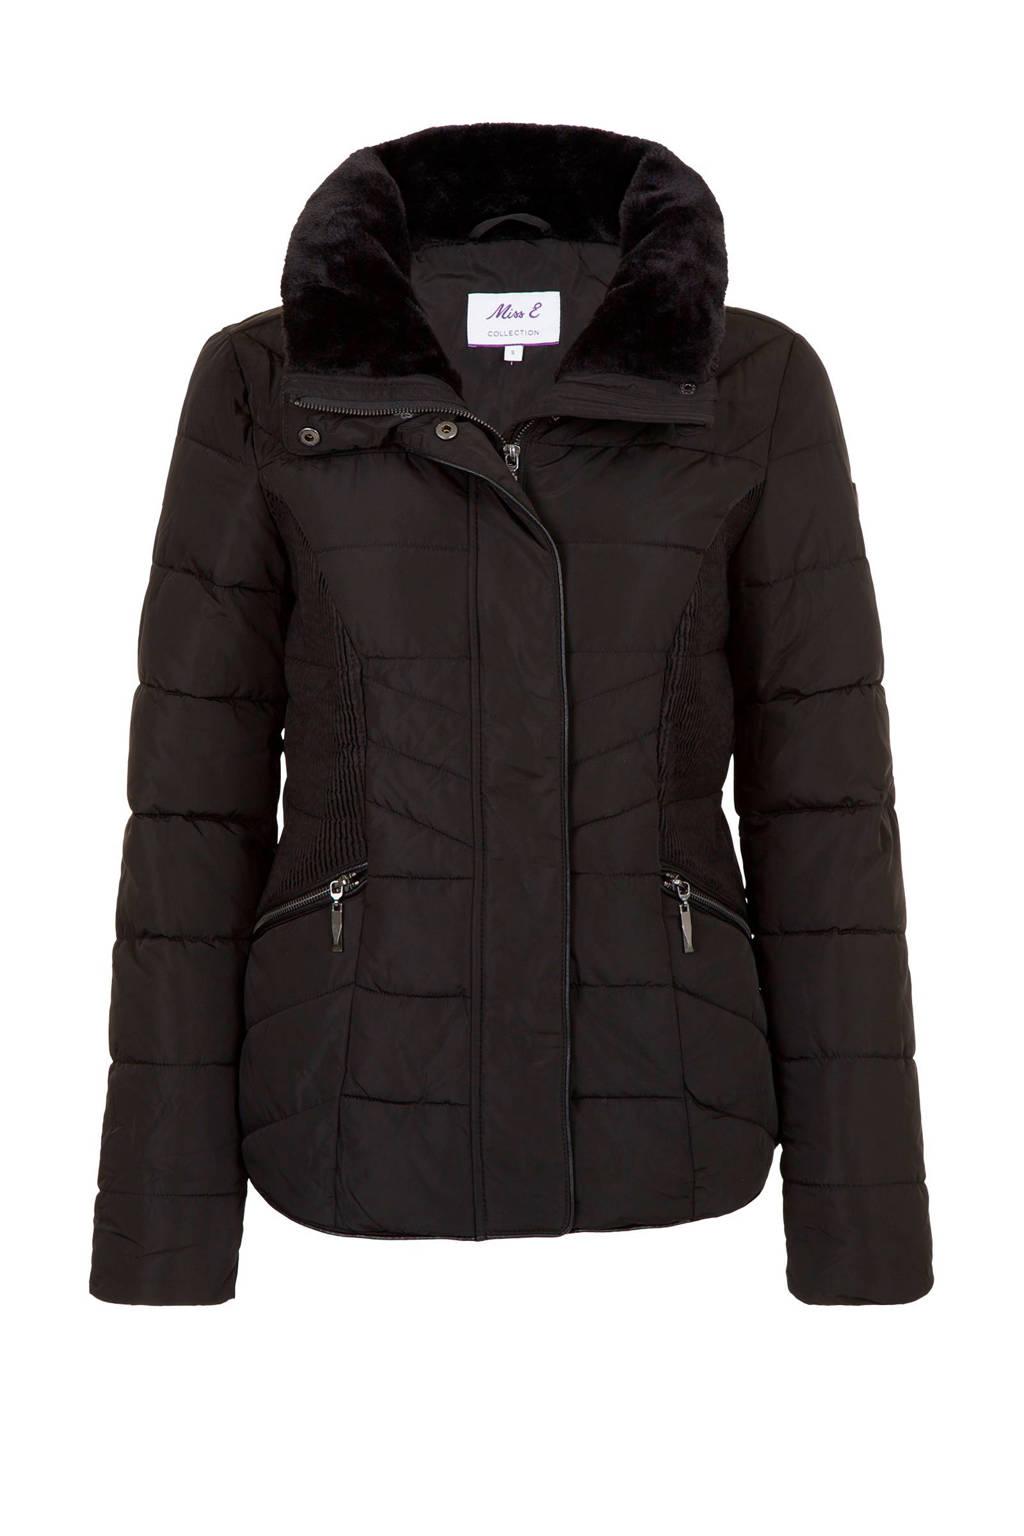 Miss Etam Regulier winterjas zwart, Zwart